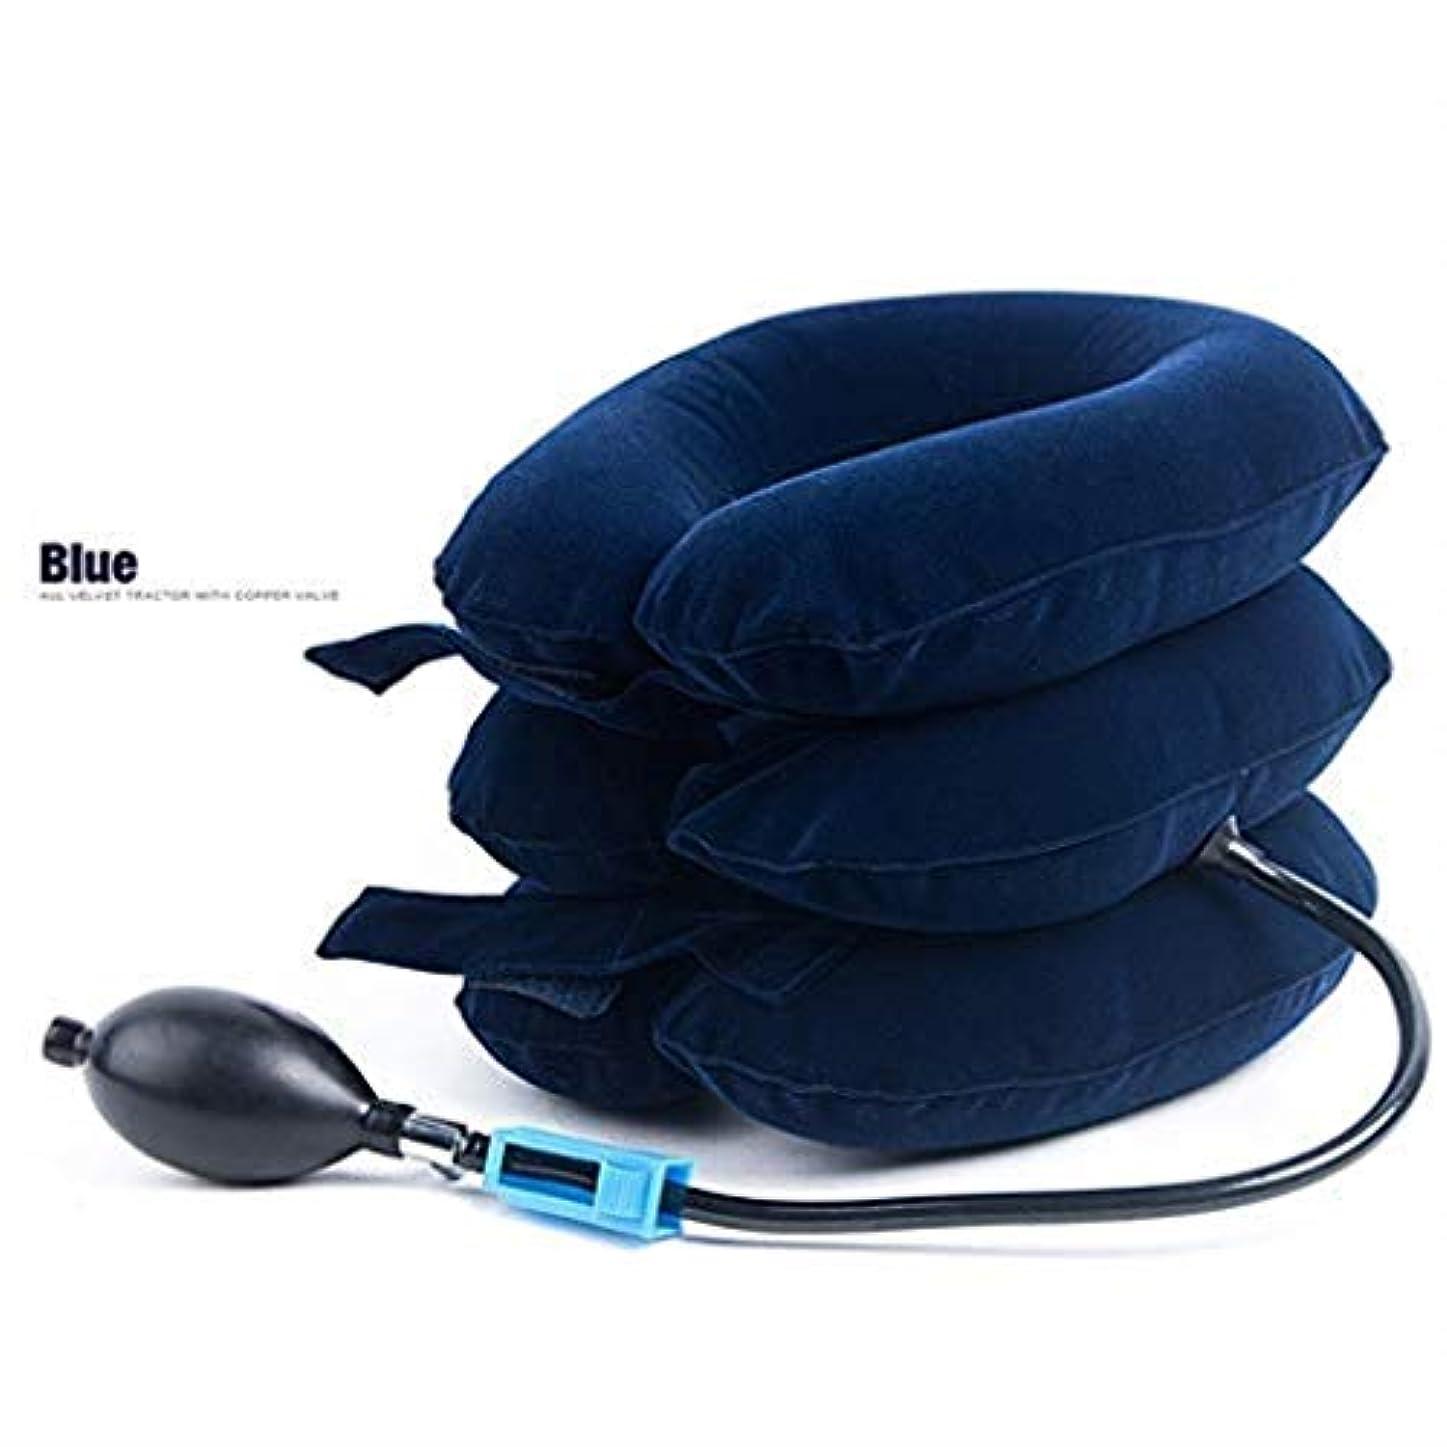 帽子忘れられない素人首のマッサージャー、膨脹可能なマッサージの首の枕、頚部頚部牽引用具、旅行枕背部肩の首のマッサージャーの健康用具 (Color : Biue)